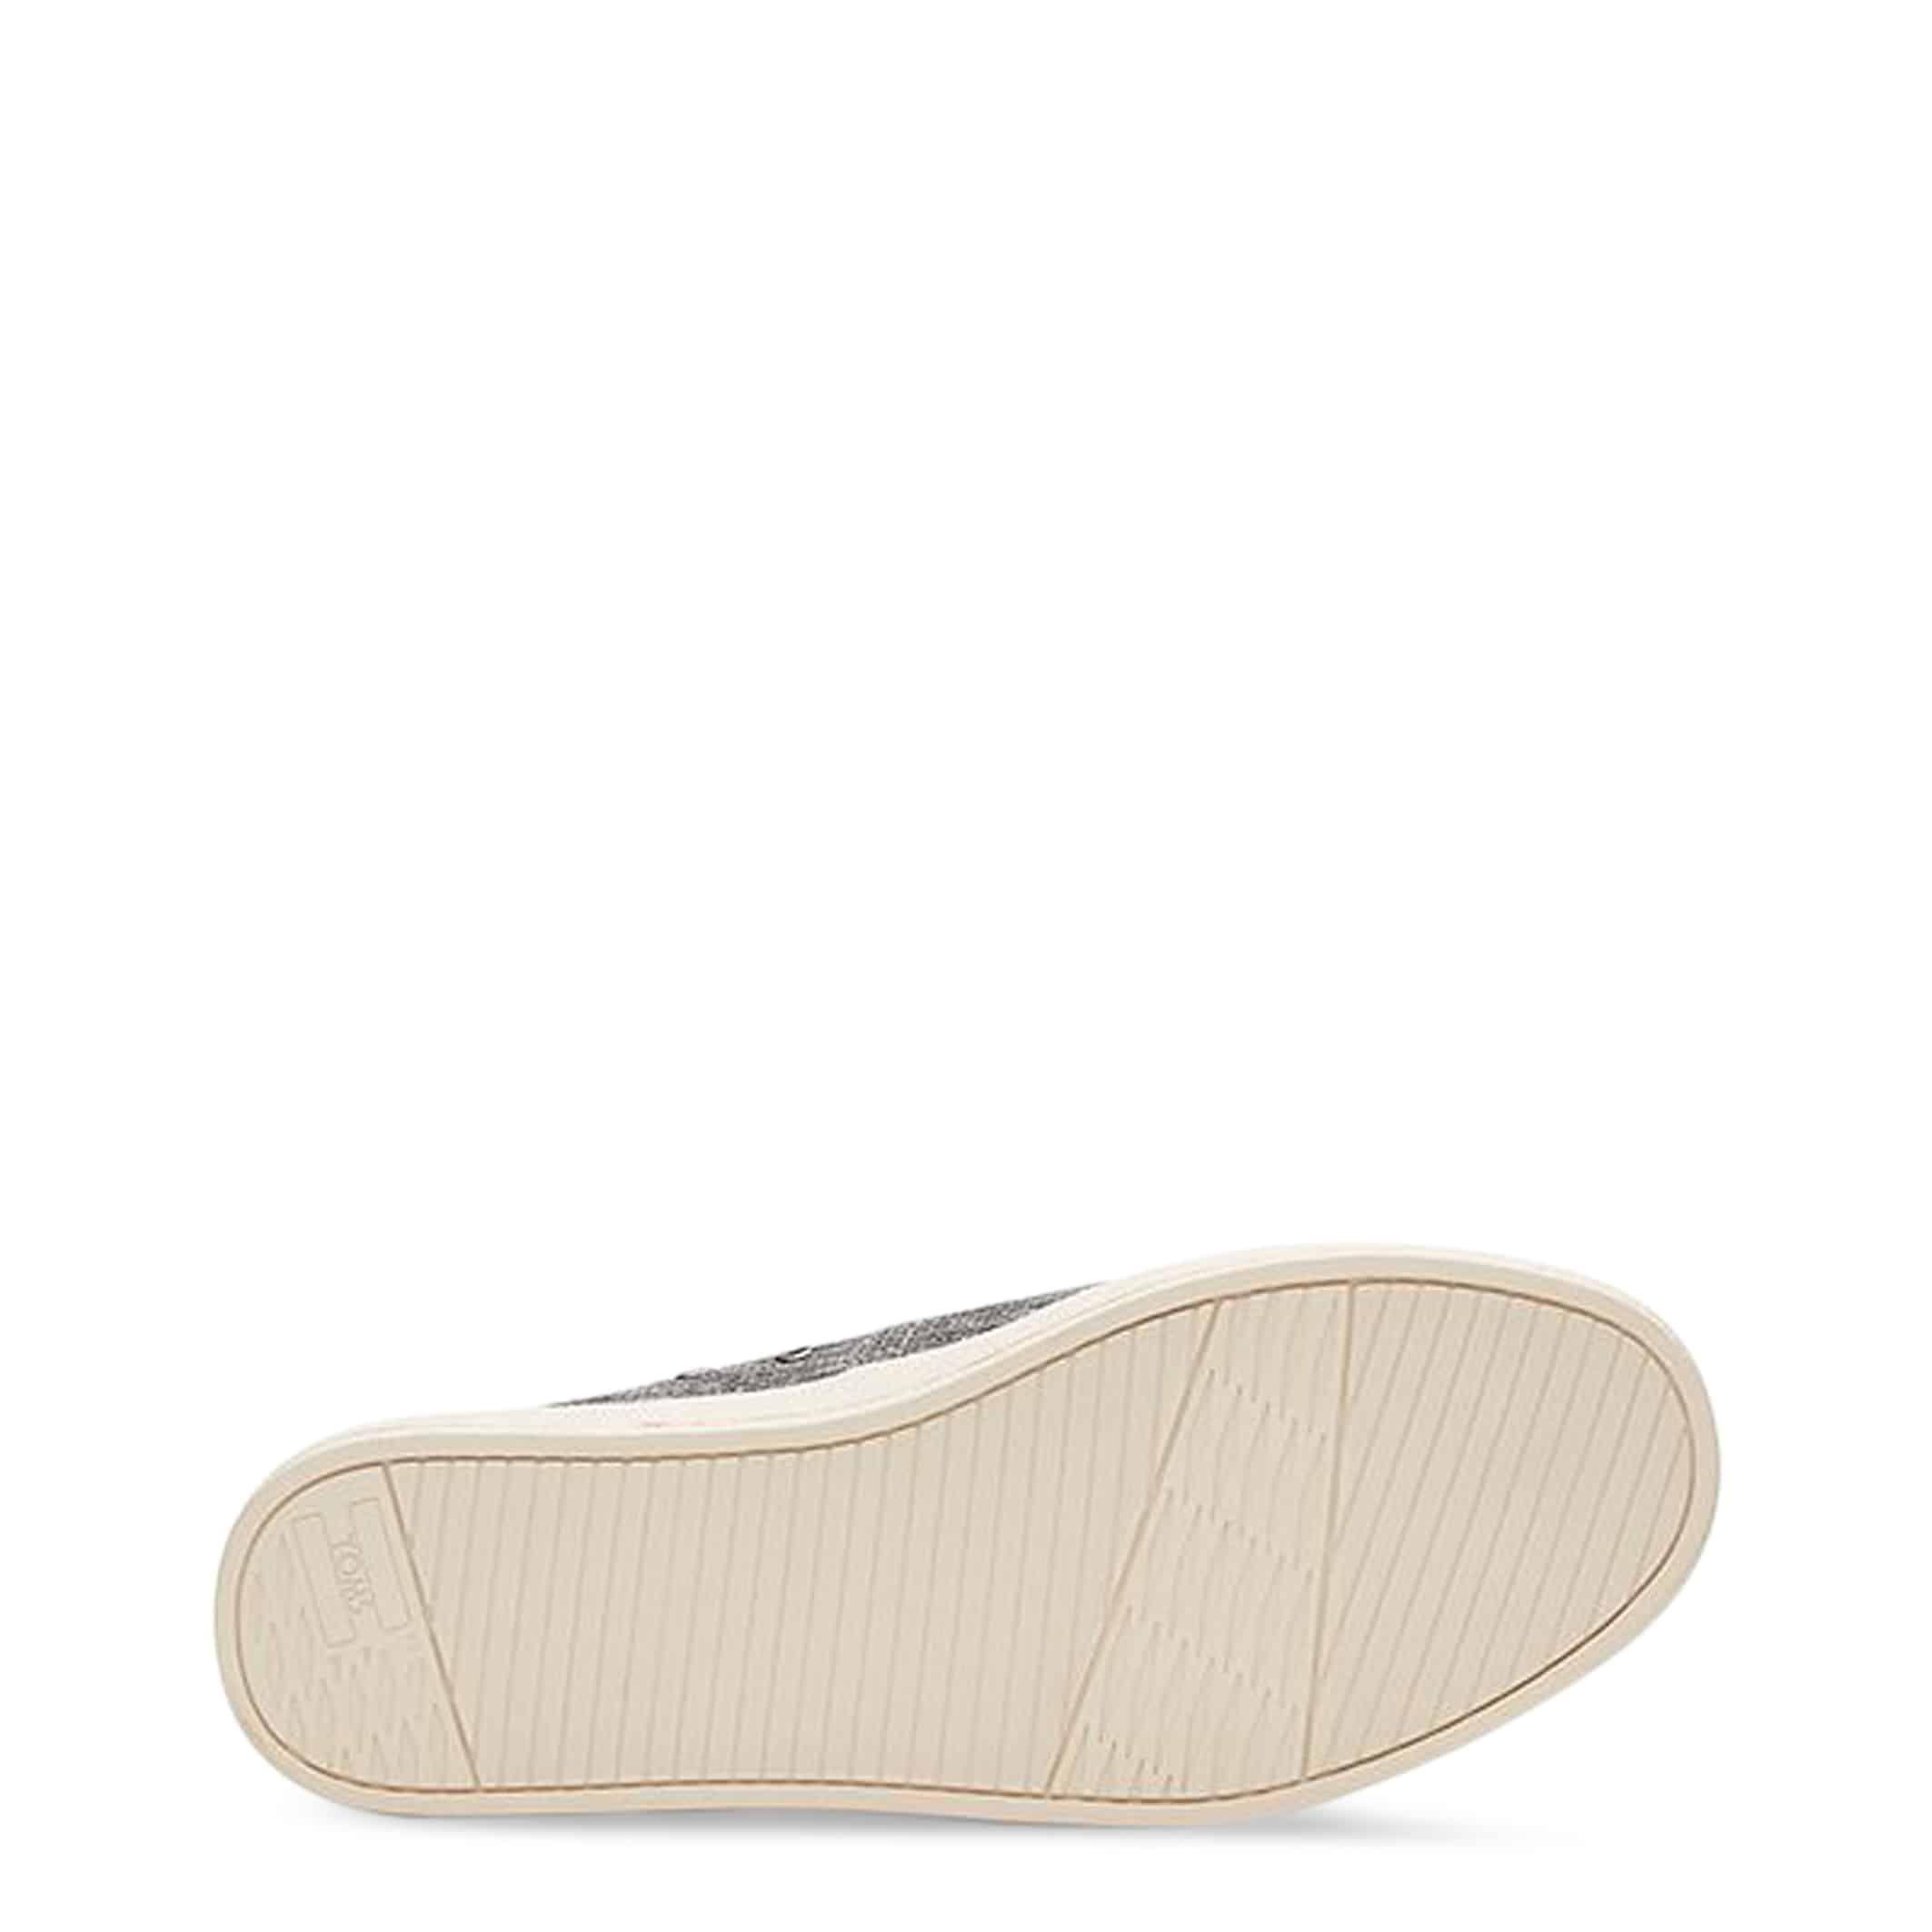 Schuhe TOMS – SPACE-DYE-AVA_10009979 – Grau